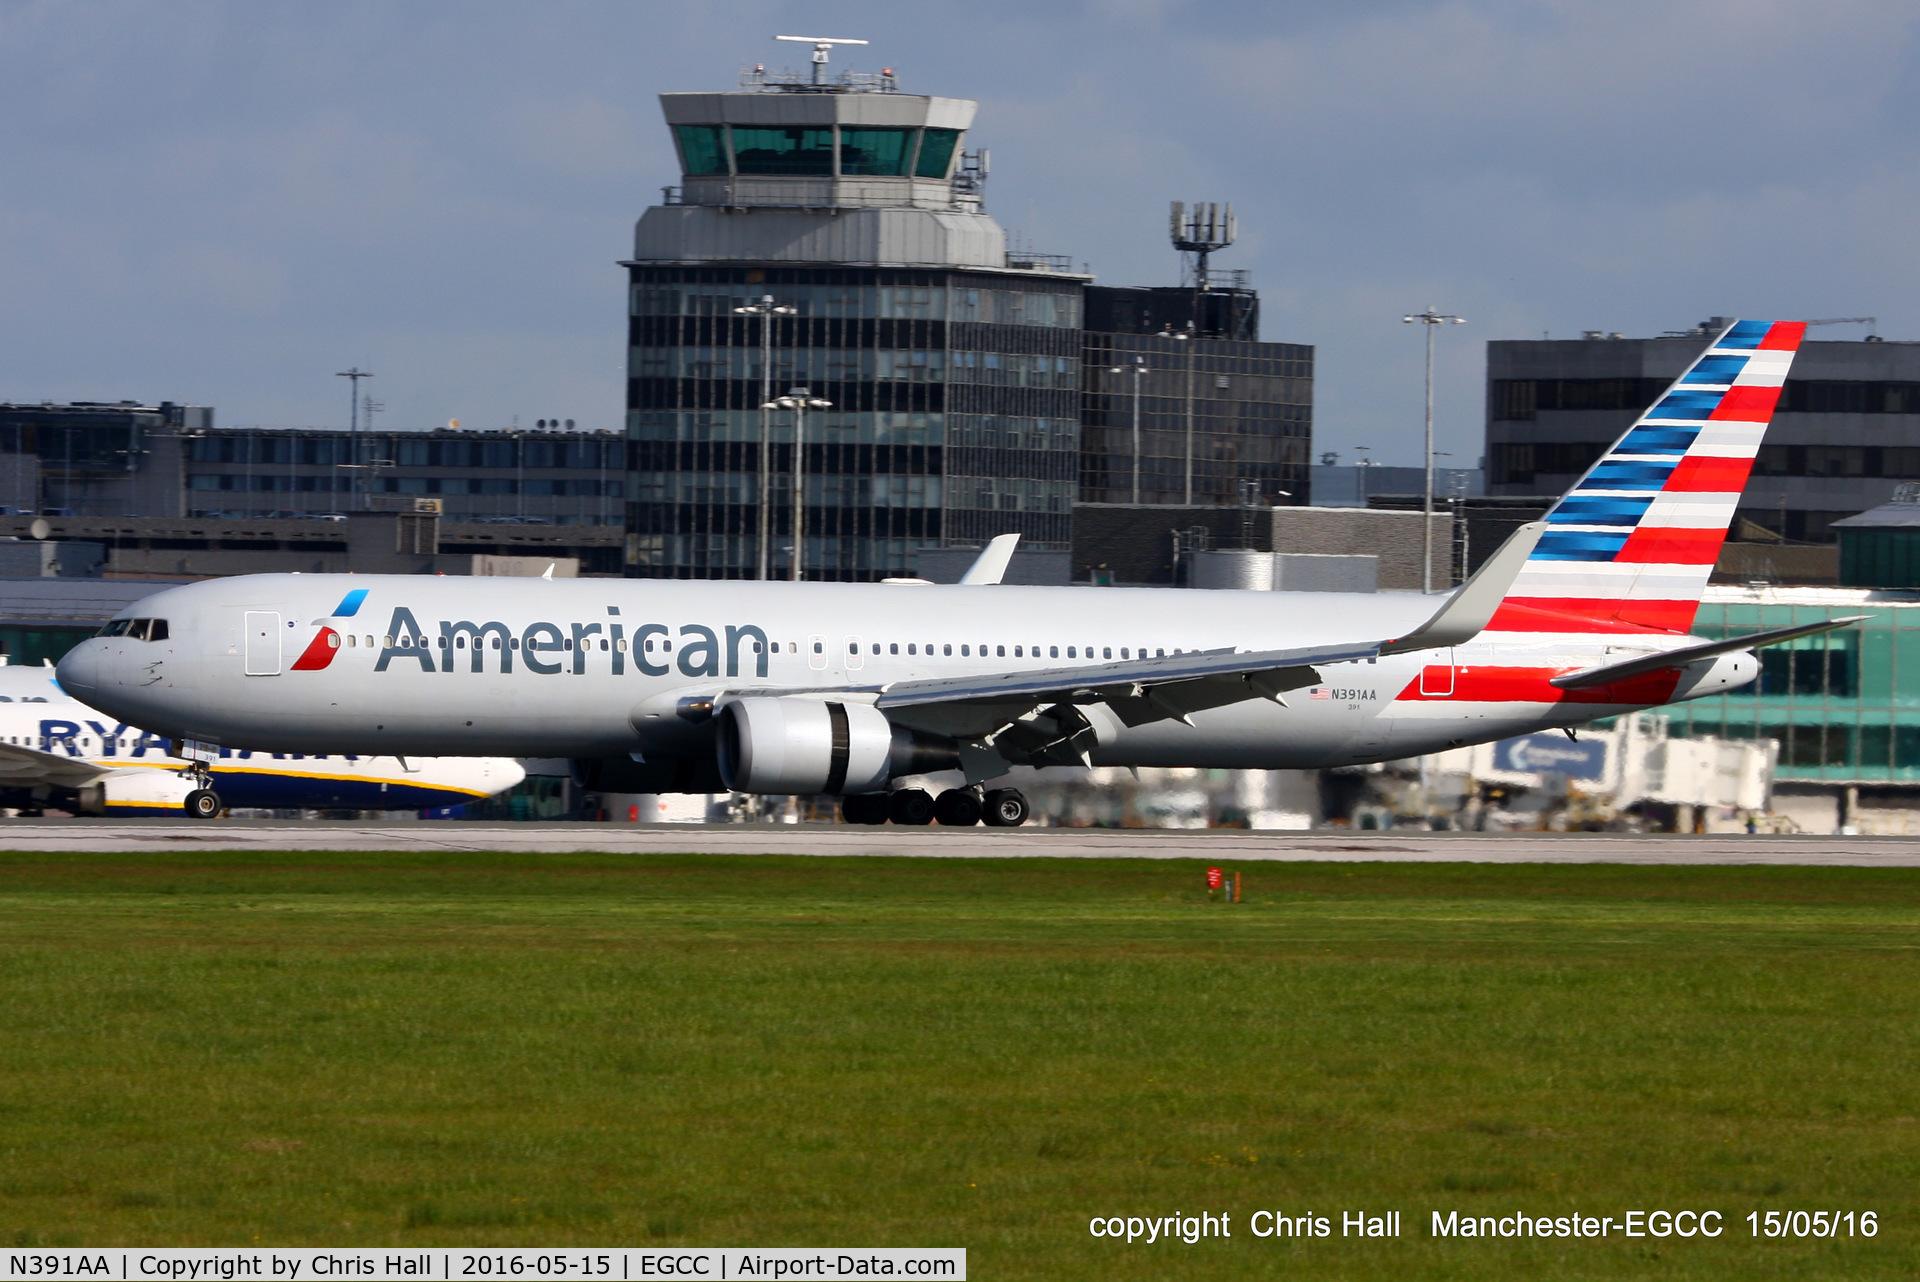 N391AA, 1995 Boeing 767-323 C/N 27451, American Airlines